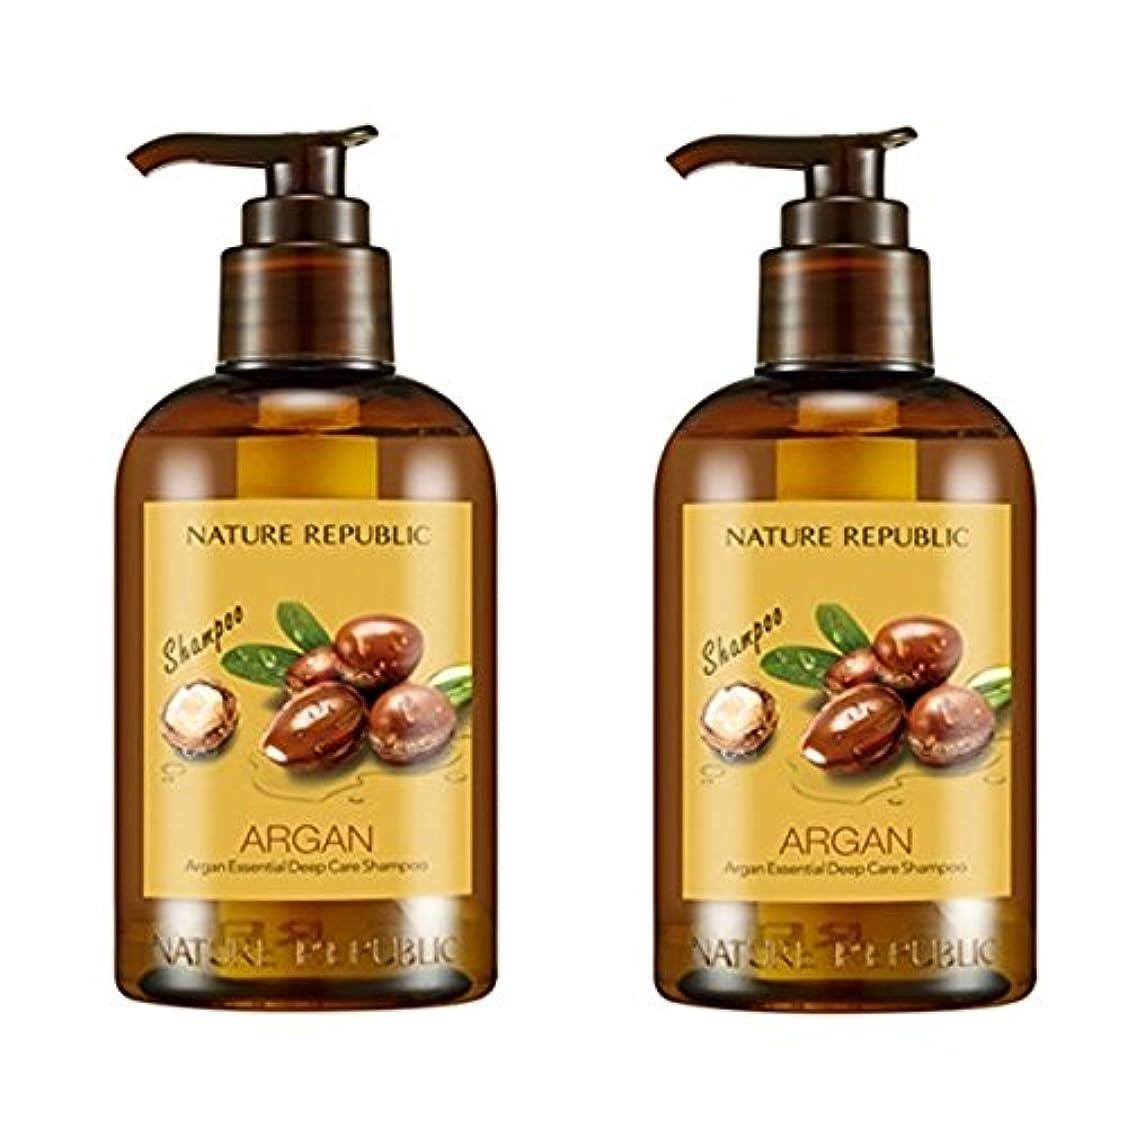 匿名自治的したいネイチャーリパブリック(NATURE REPUBLIC) アルガン エッセンシャル ディープ ケア シャンプー x 2本 (Argan Essential Deep Care Shampoo x2pcs Set) [並行輸入品]